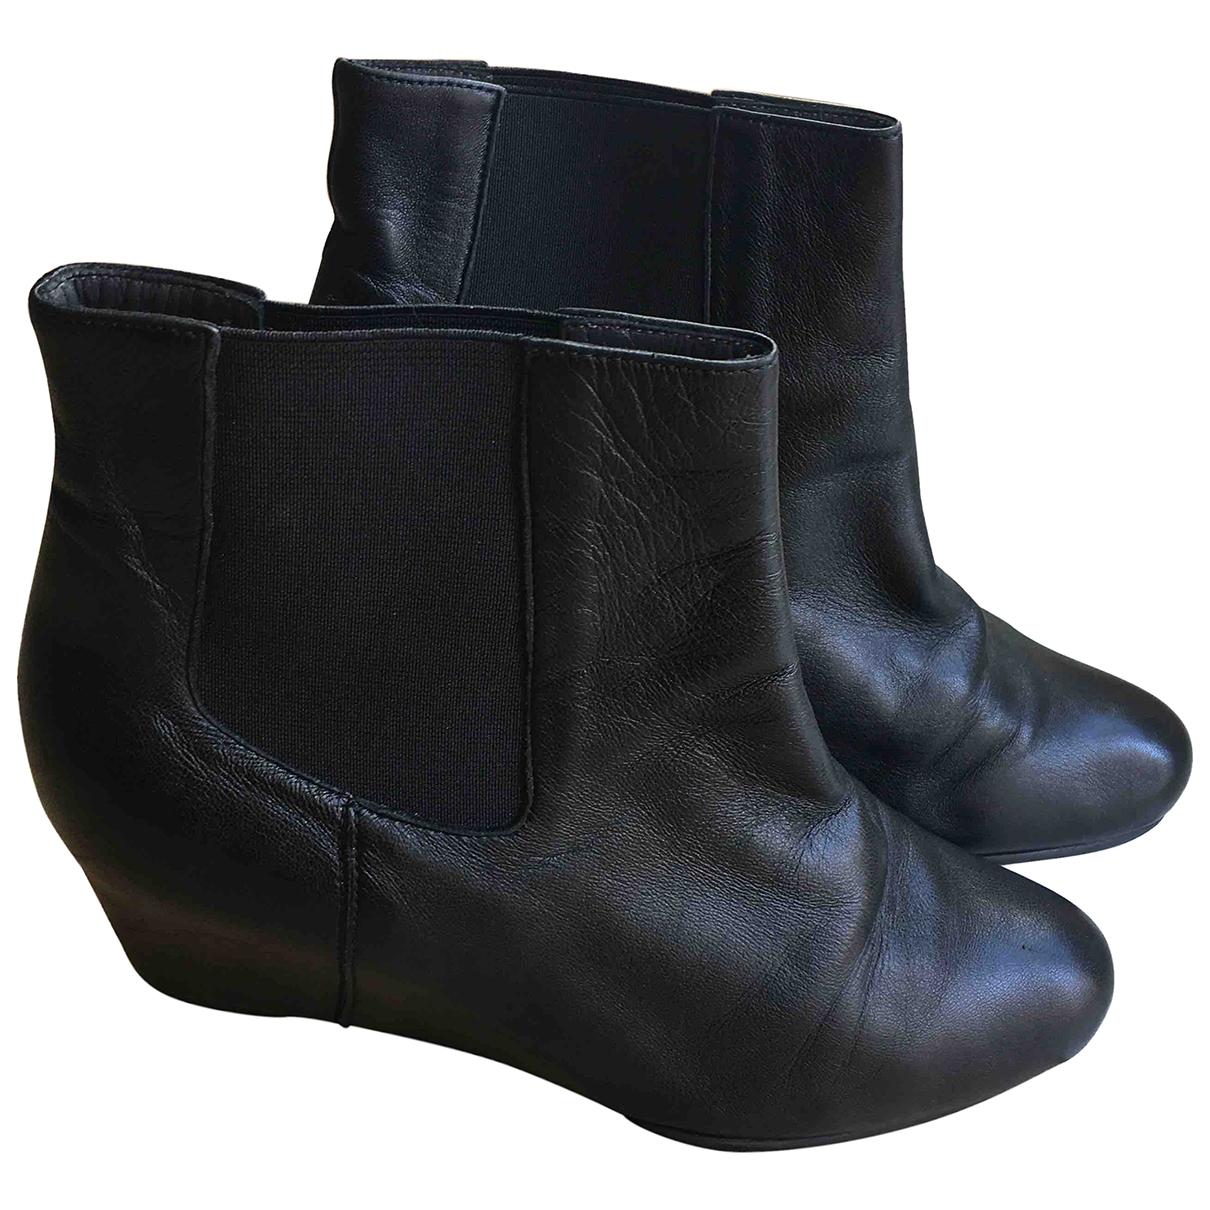 Stuart Weitzman - Boots   pour femme en cuir - noir